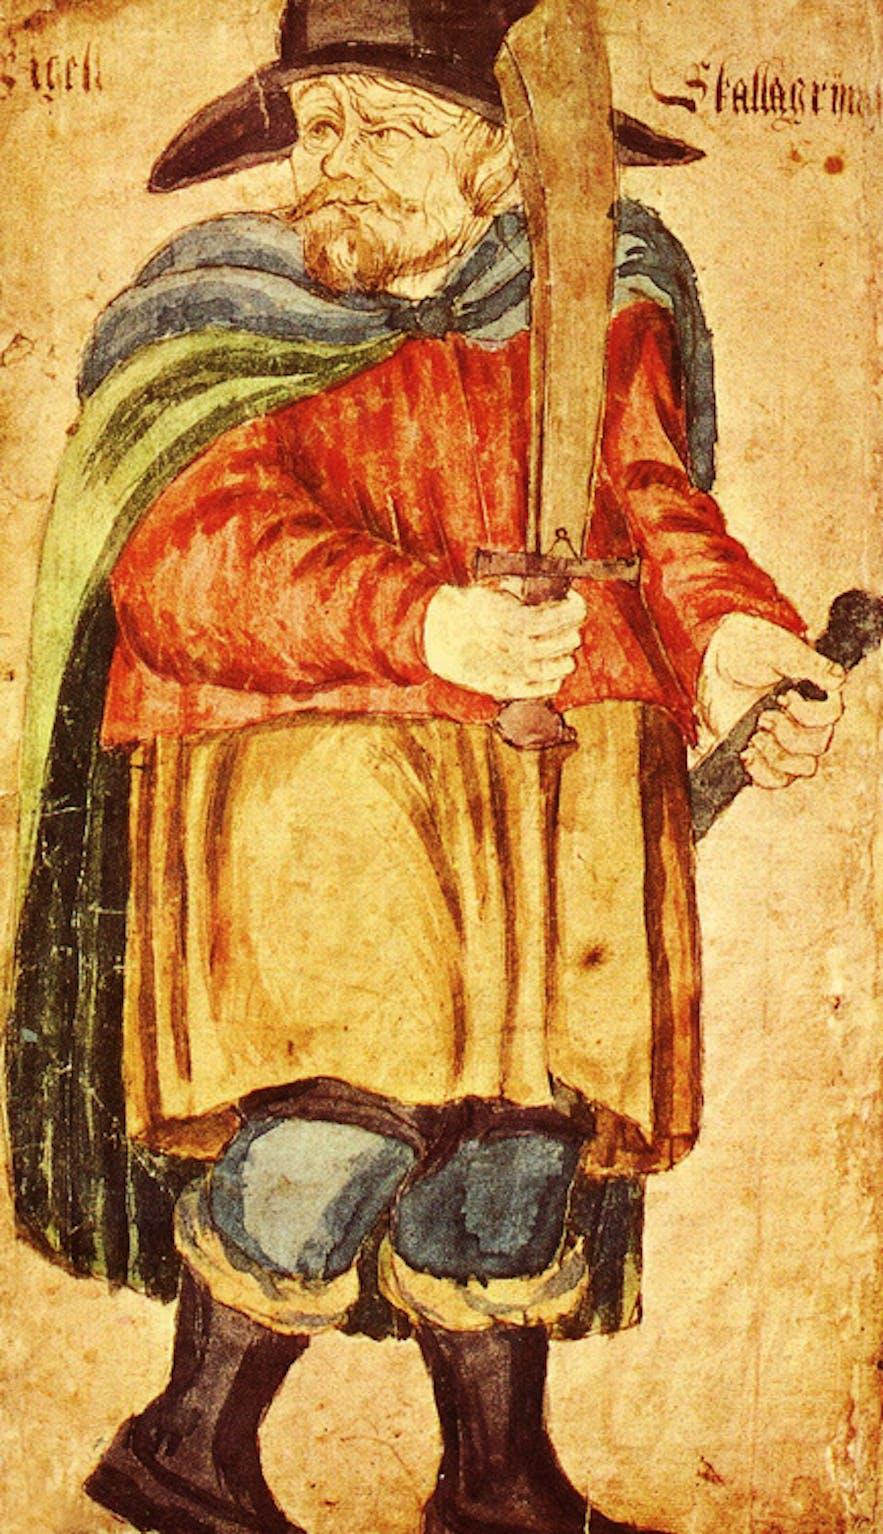 An illustration of Egill Skallagrímsson from a 17th century manuscript